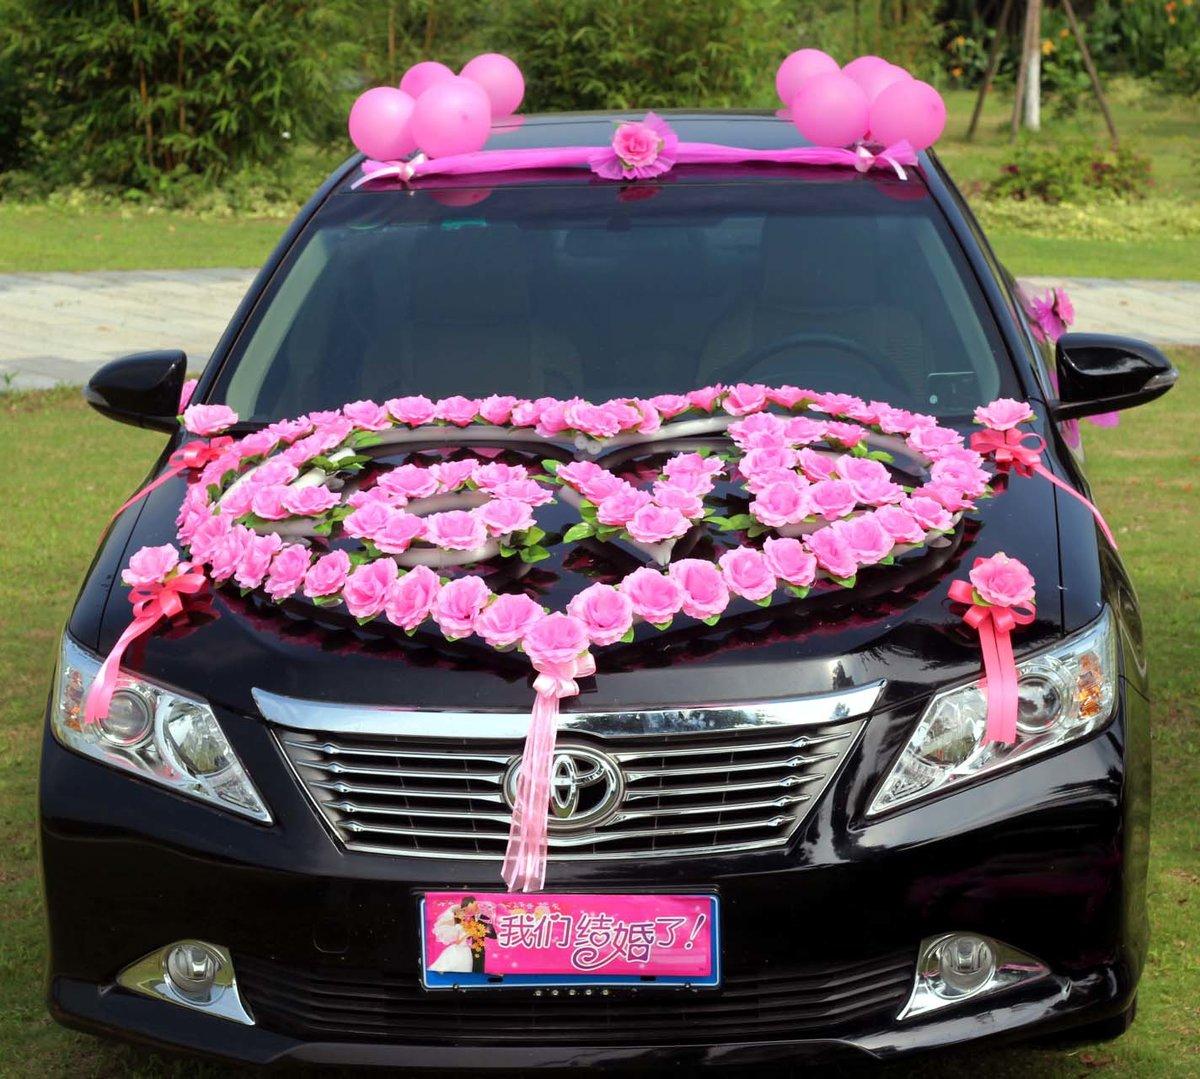 примеру, для свадебные машины украшение клевера один самых